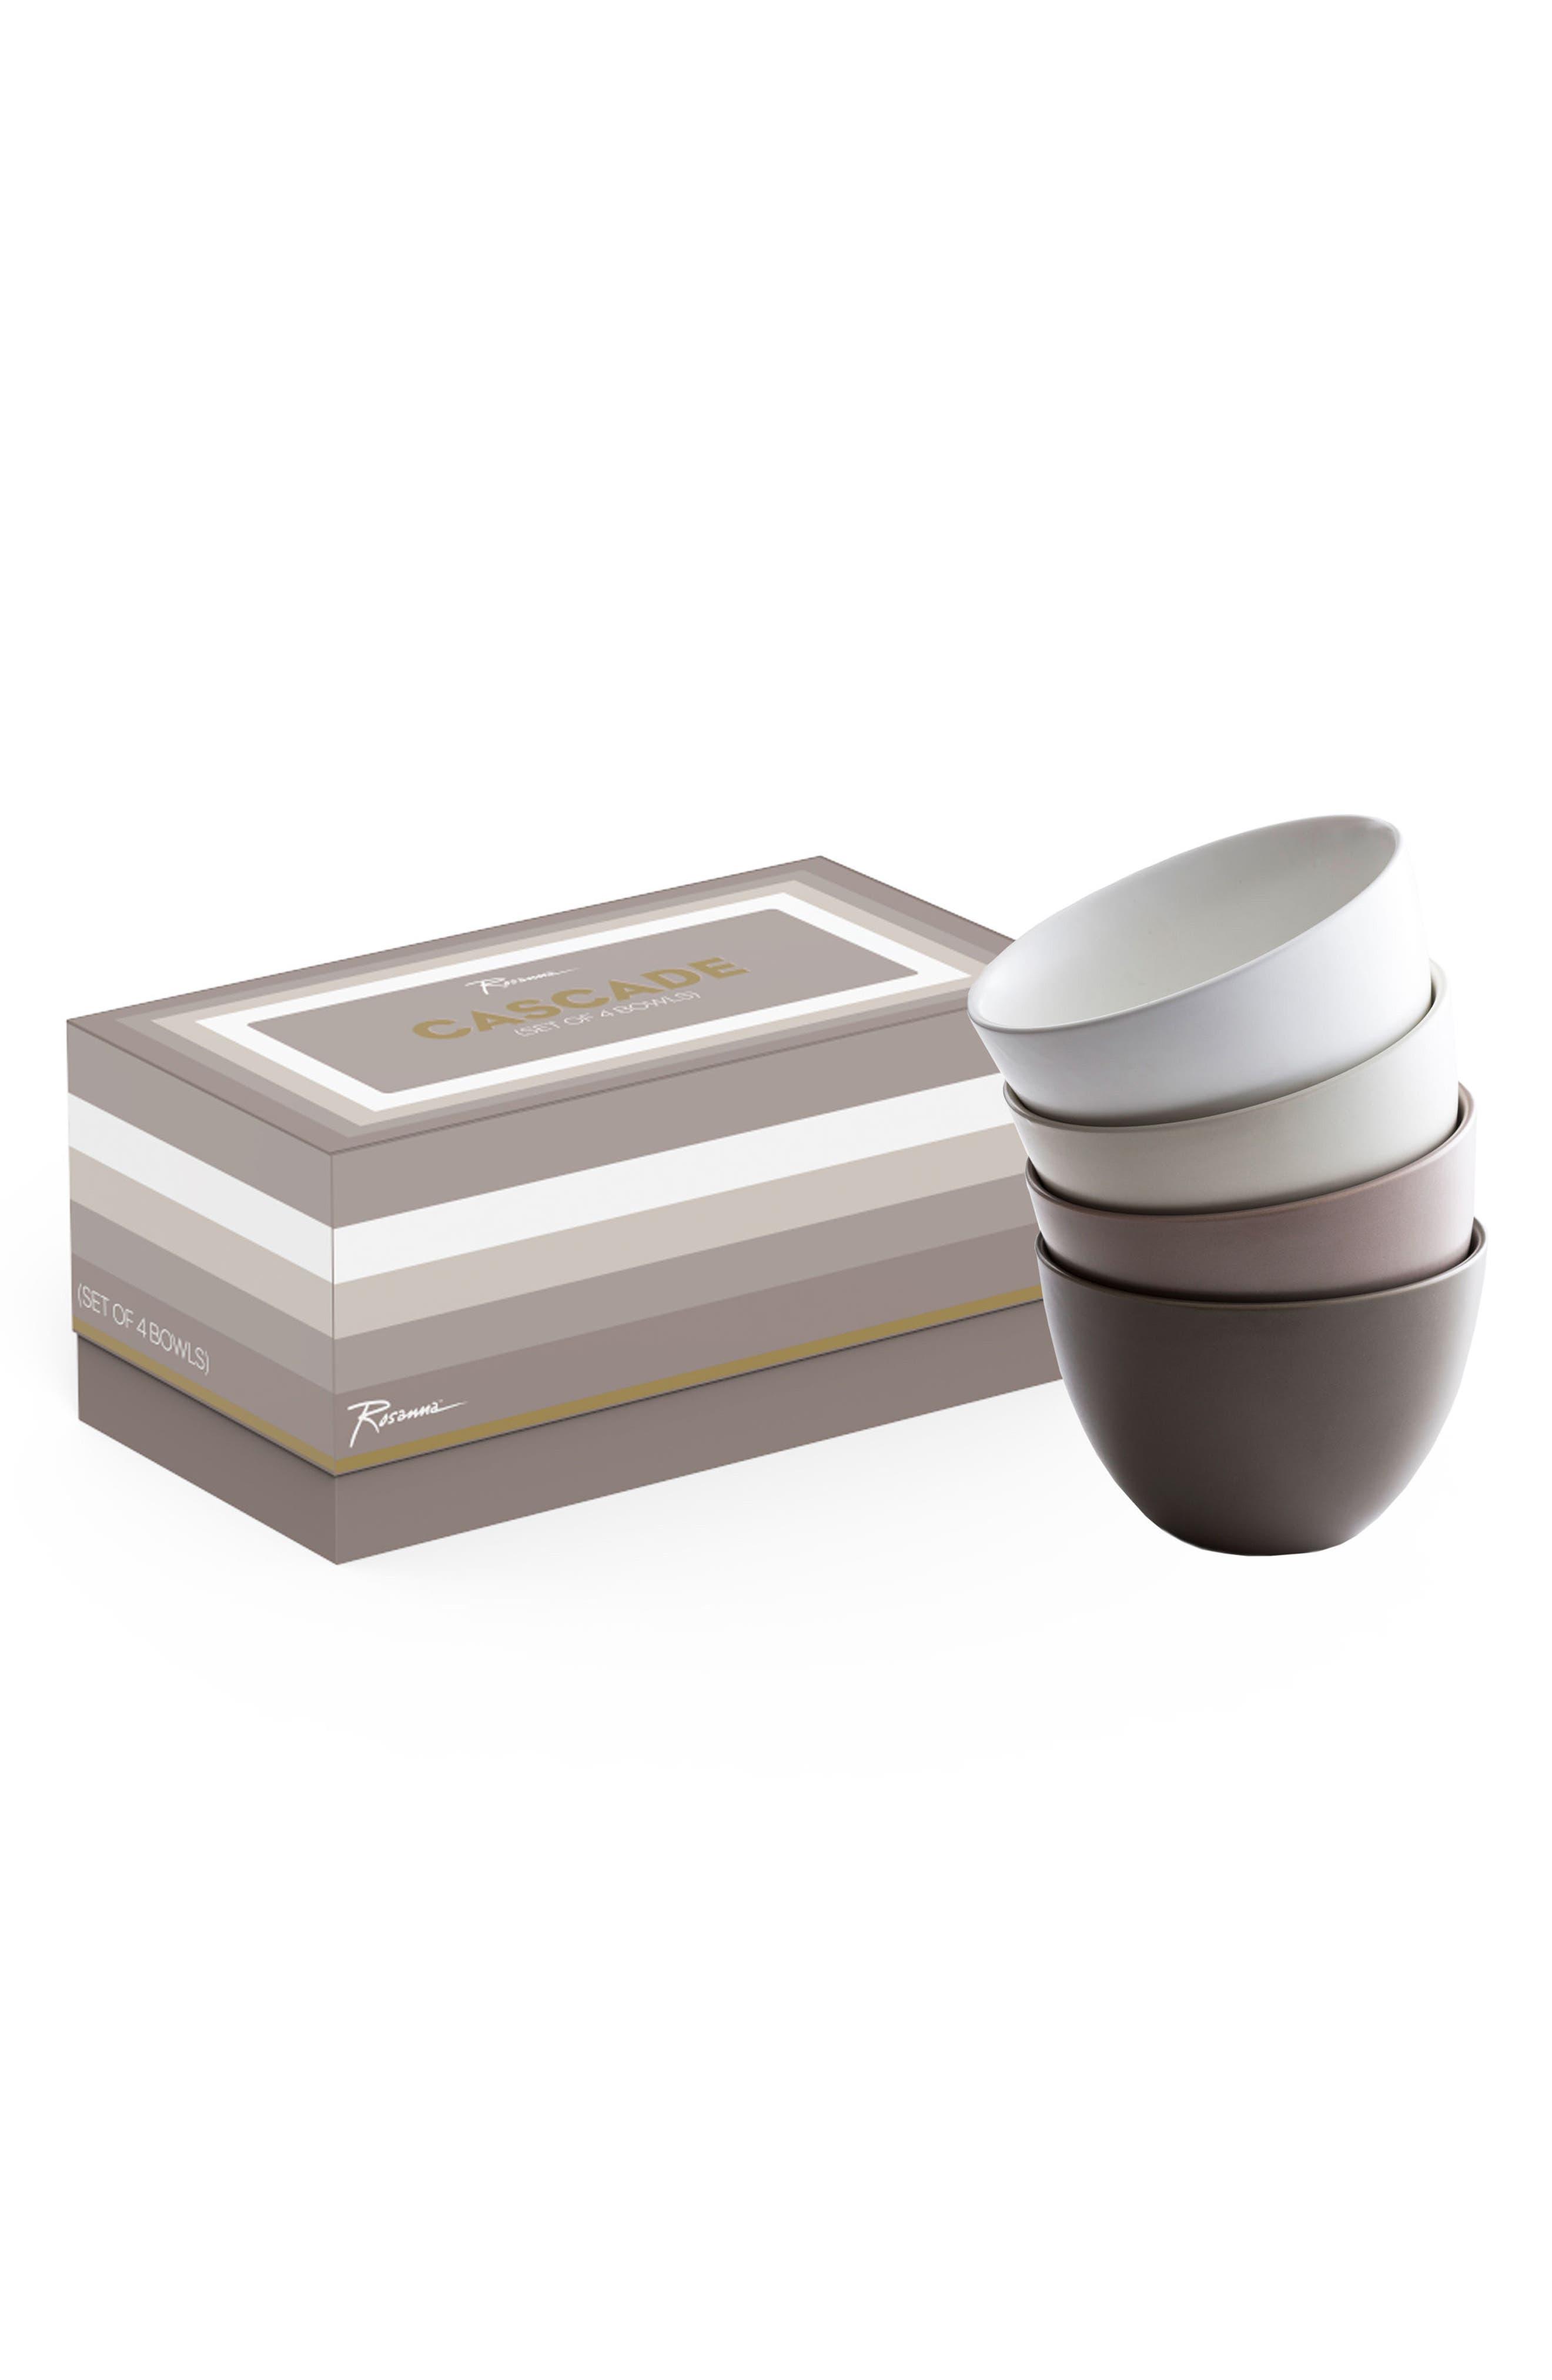 Cascade Set of 4 Porcelain Bowls,                         Main,                         color, Multi